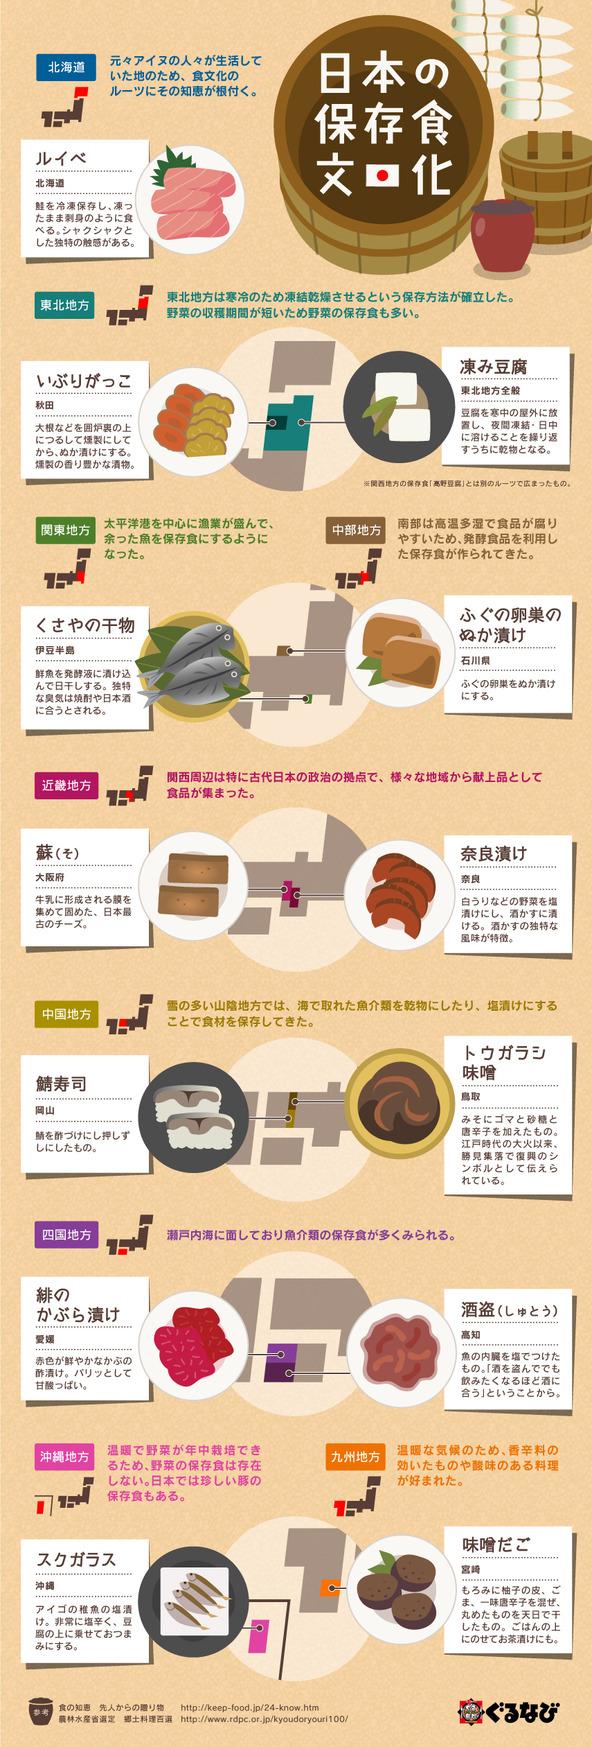 インフォグラフィック:日本の保存食は先人の知恵が凝縮。北は北海道、南は沖縄まで